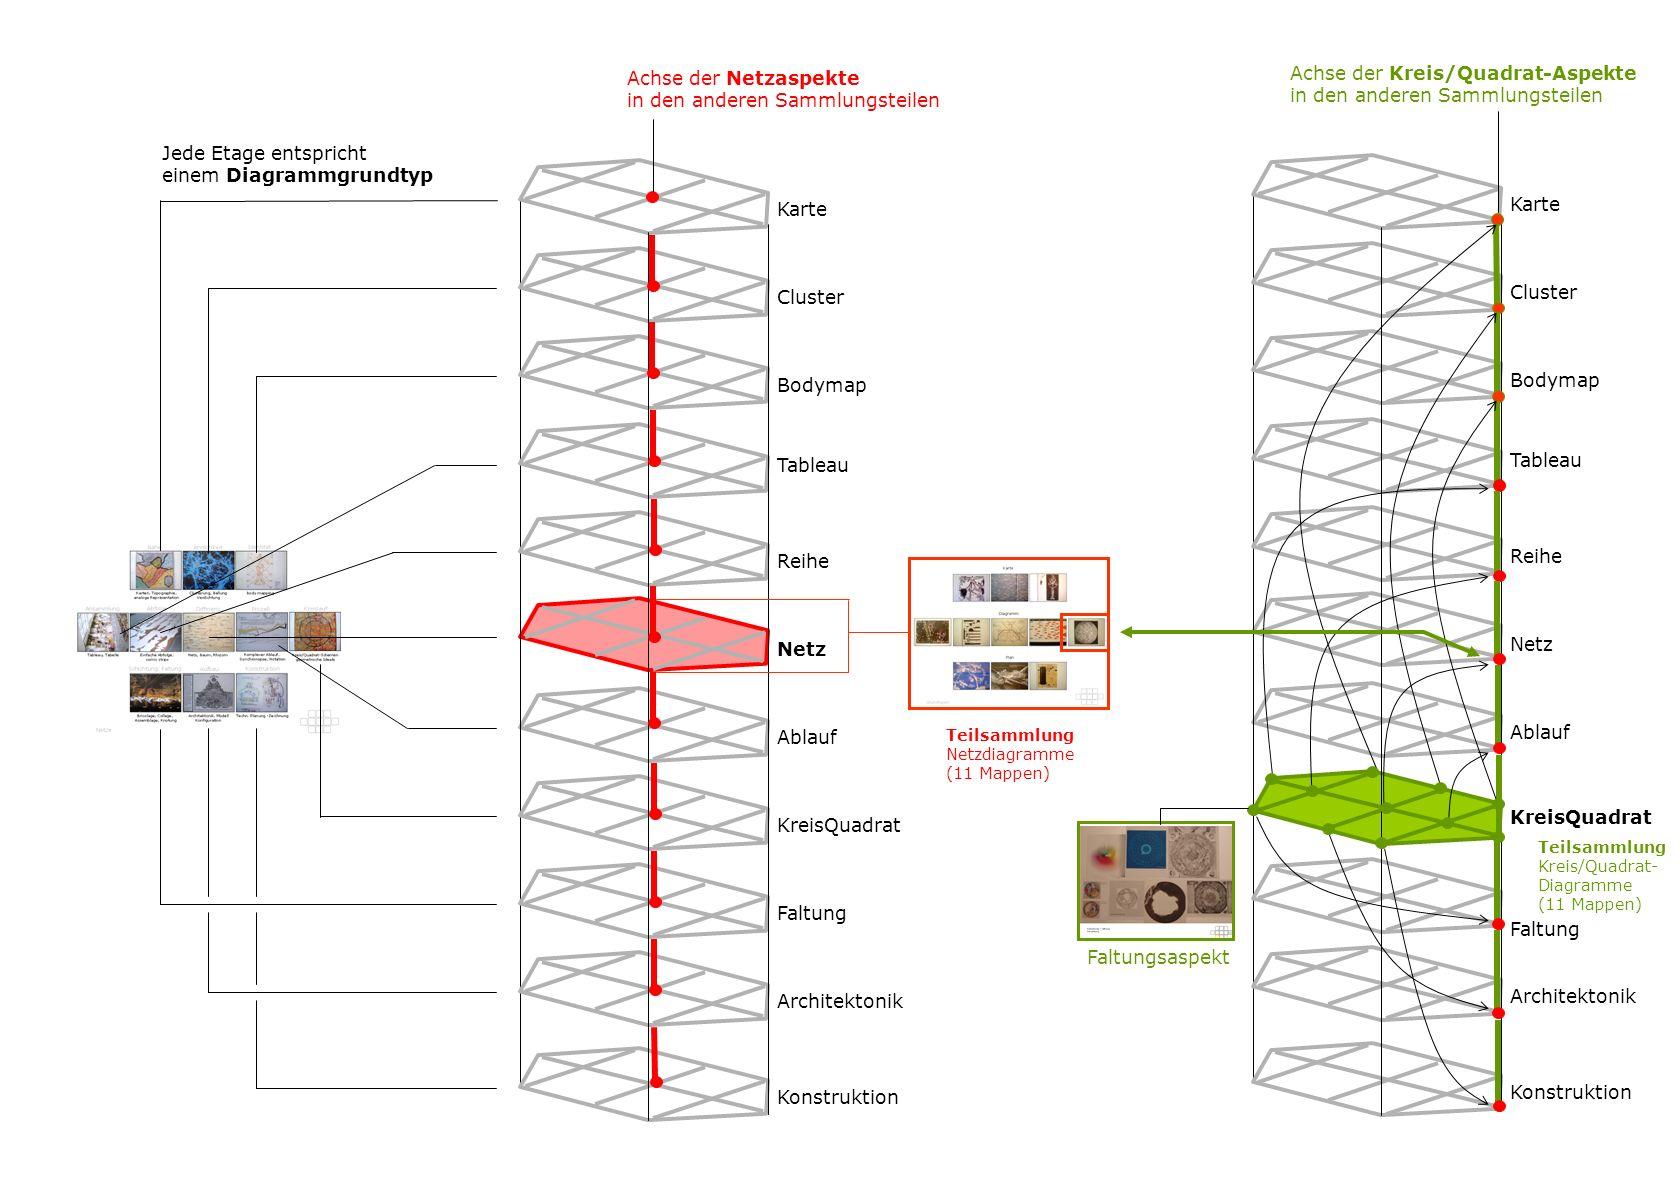 in den anderen Sammlungsteilen Achse der Kreis/Quadrat-Aspekte